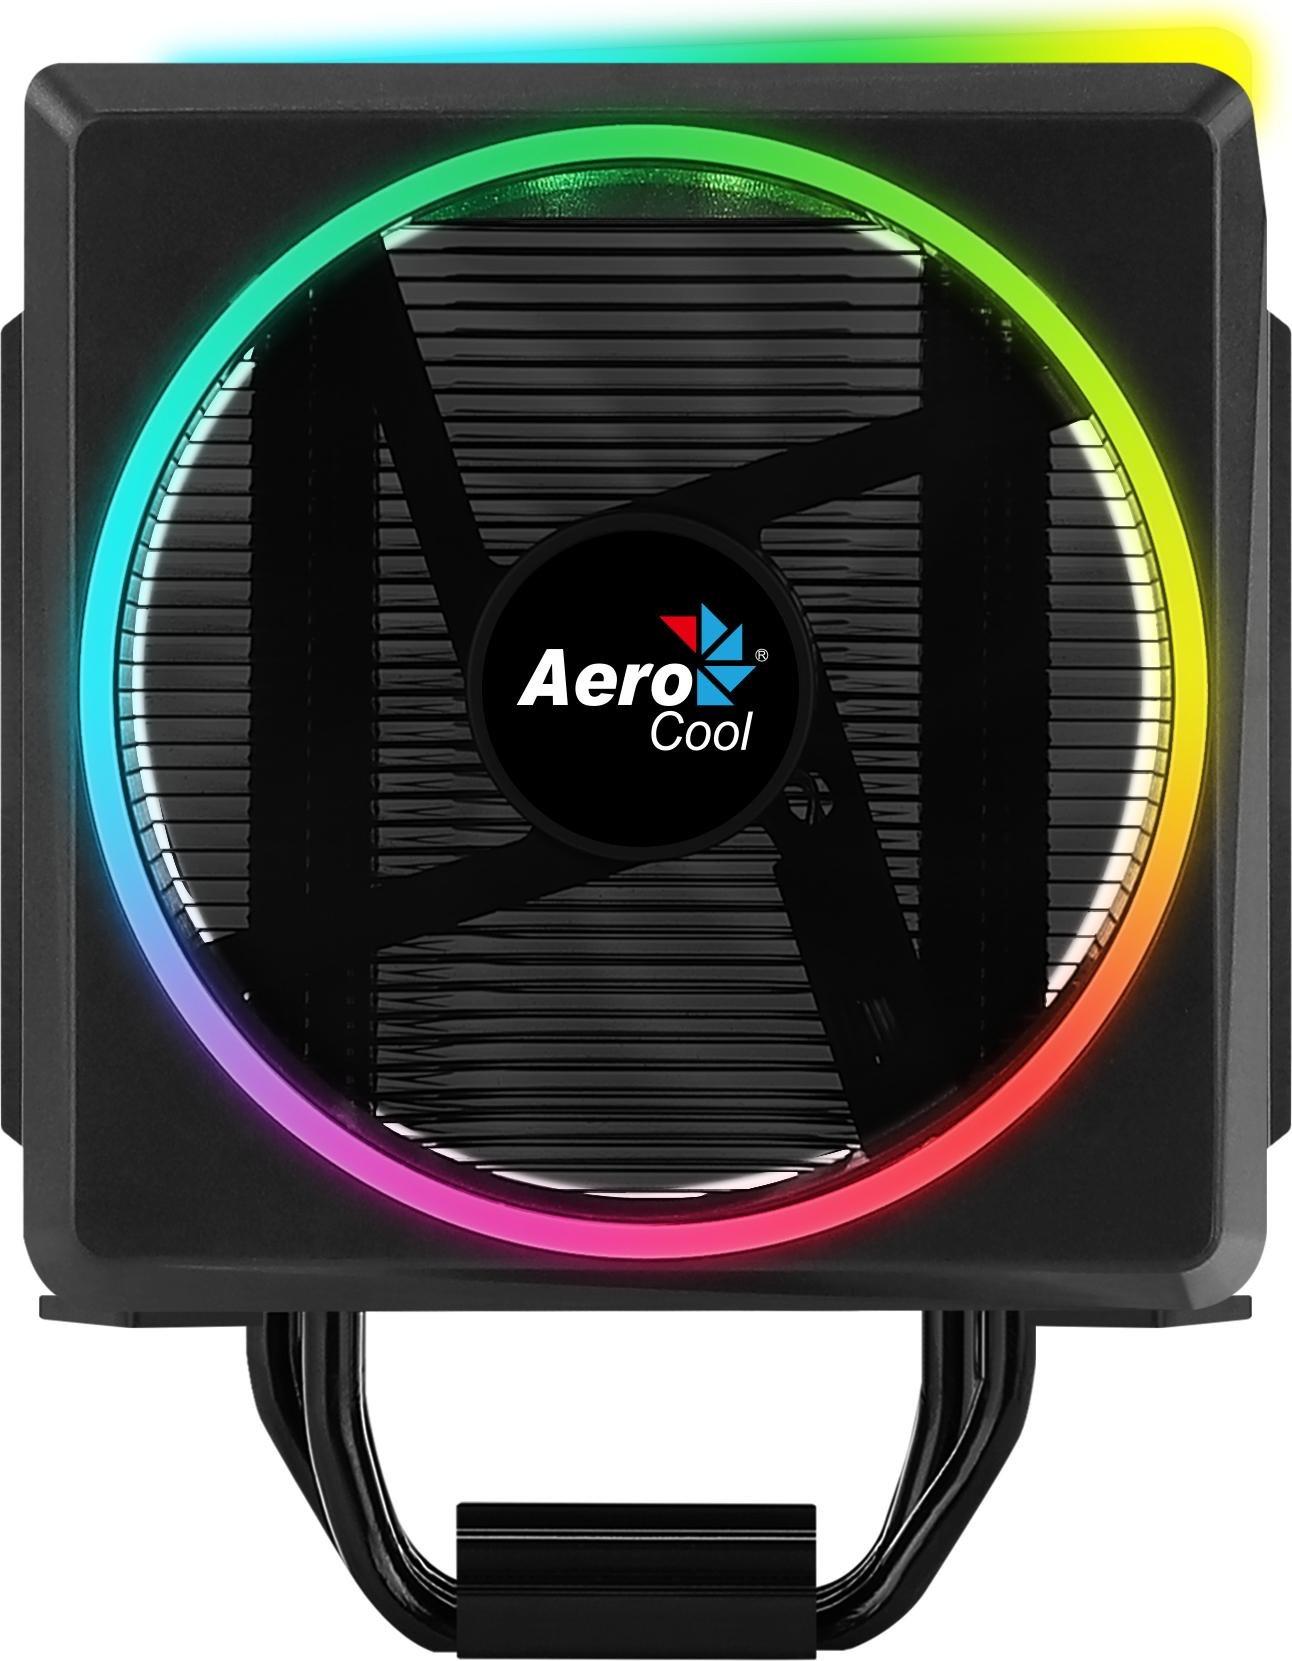 Imagen de Ventilador AEROCOOL con disipador 120mm 145w (CYLON4) | grande (2)